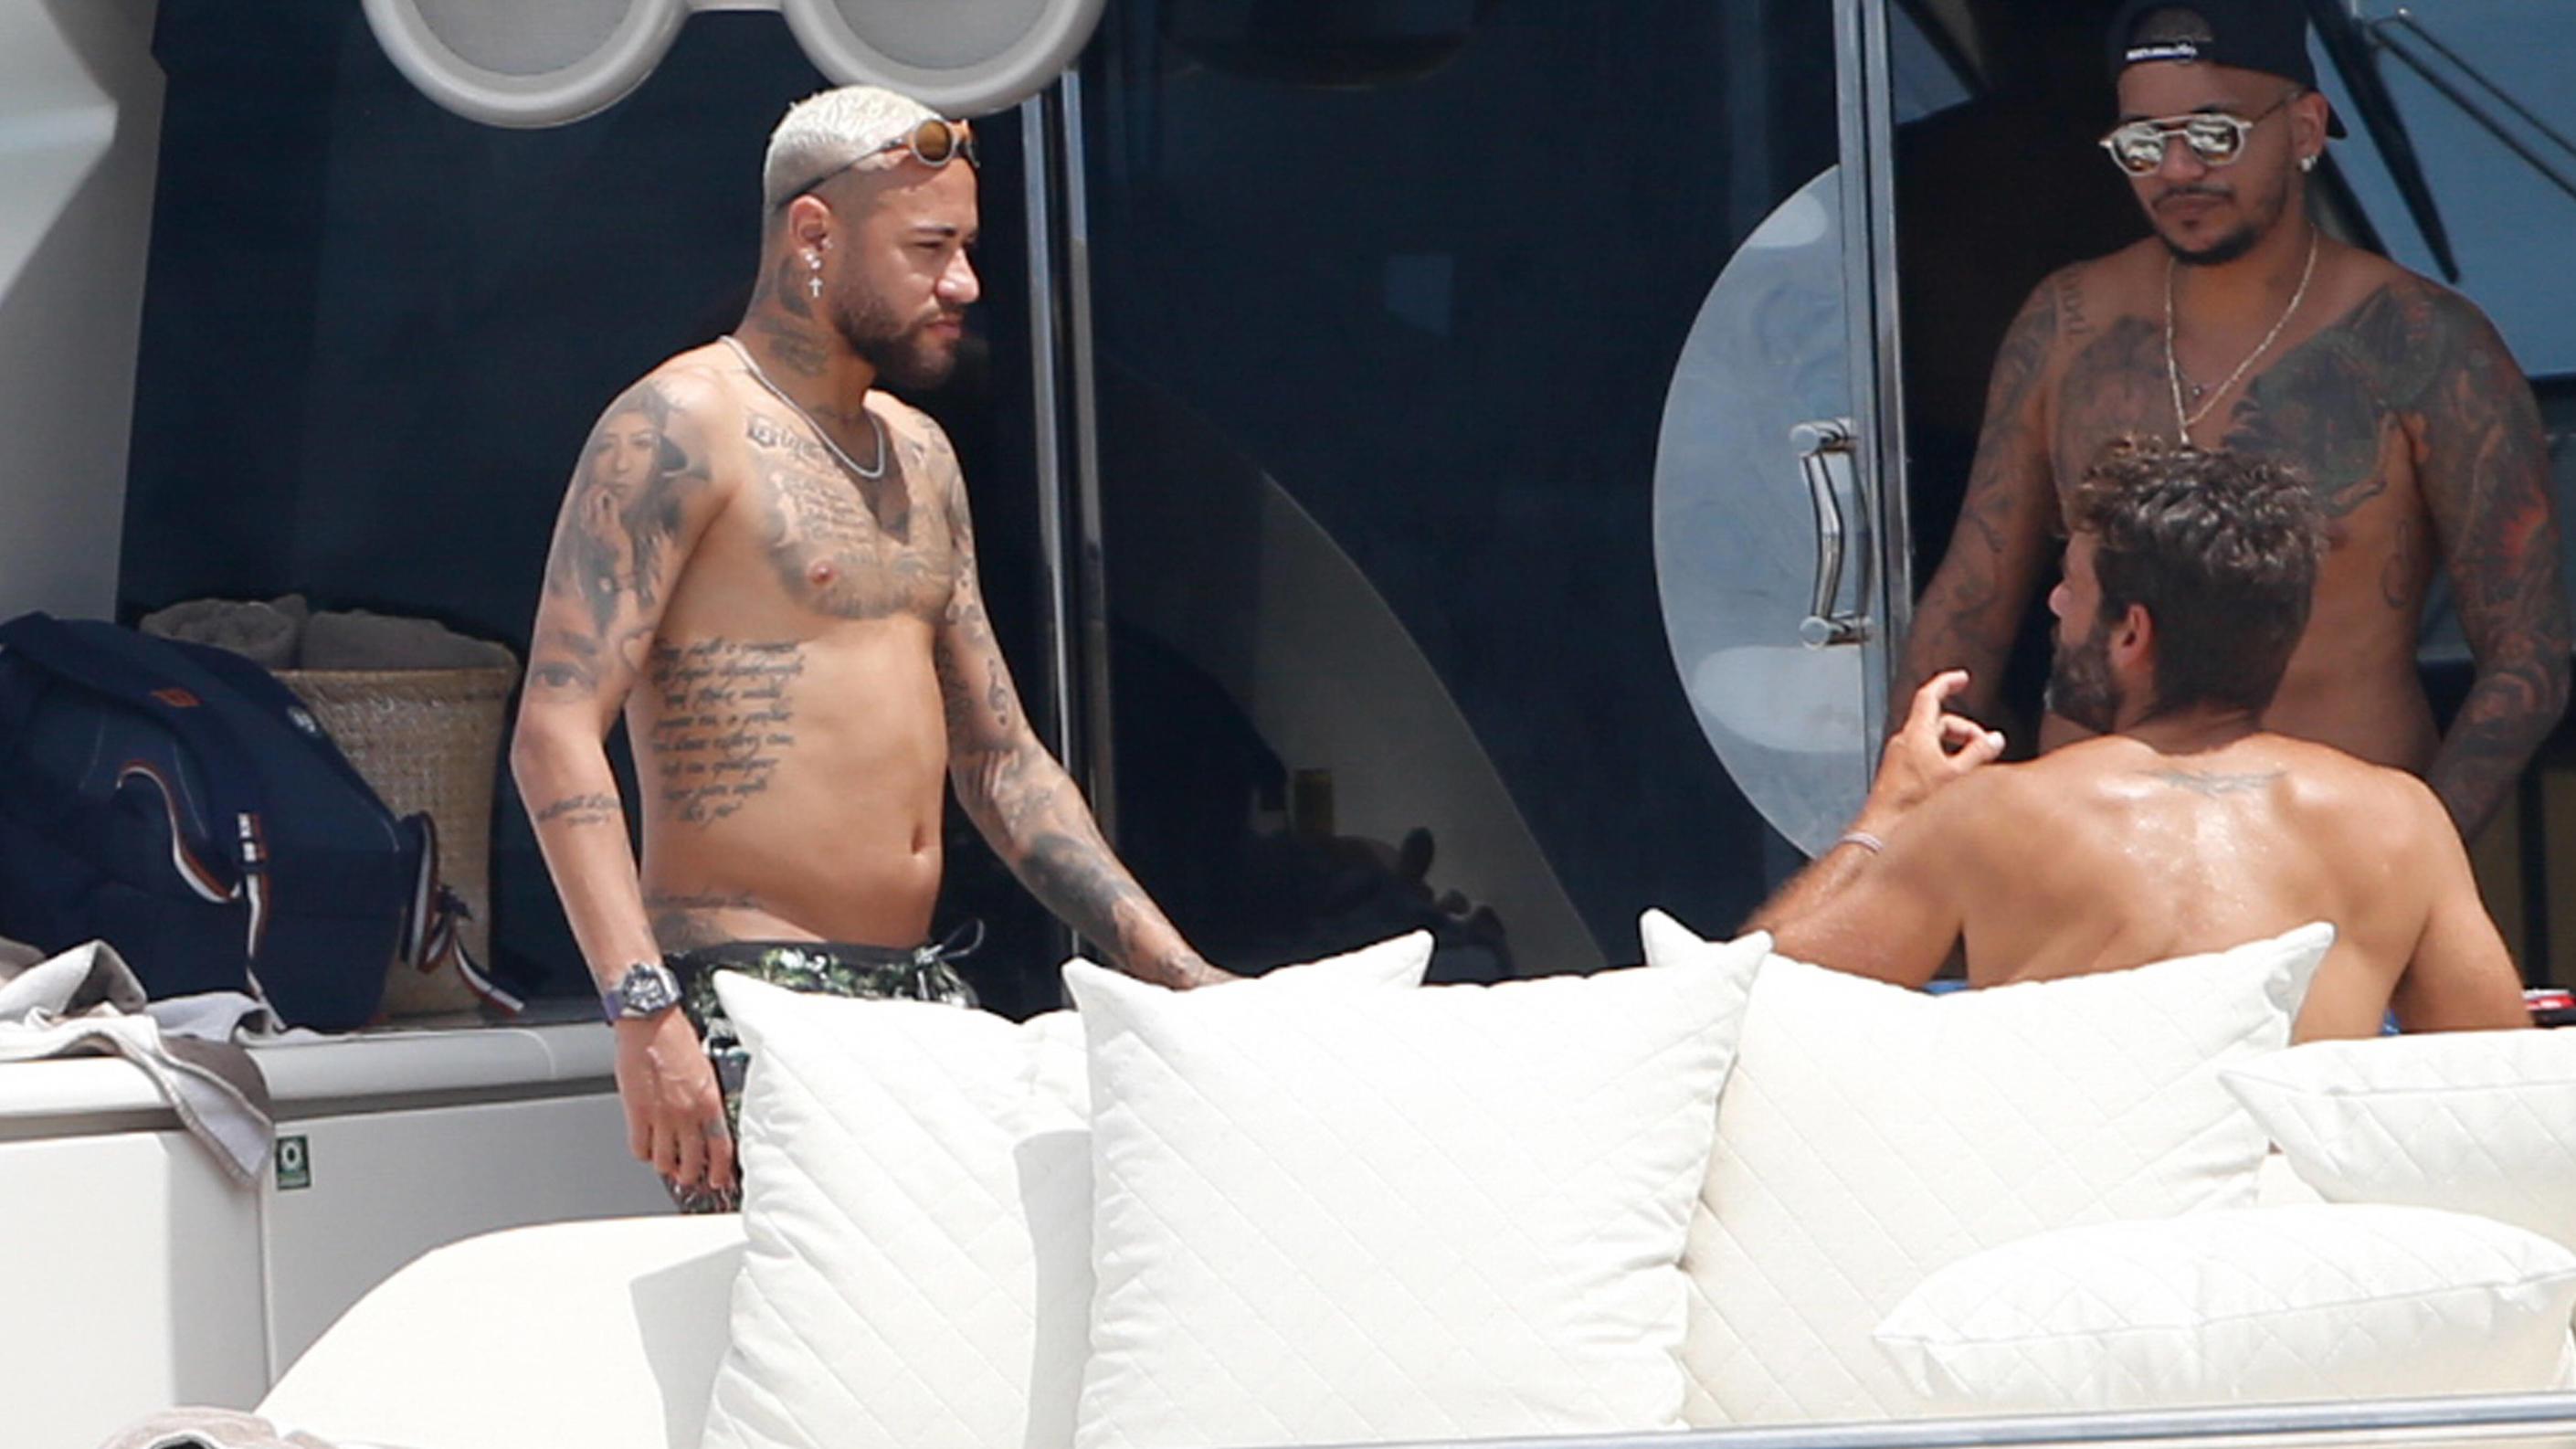 Fußball-Star Neymar lim Urlaub auf Ibiza mit Bäuchlein erwischt